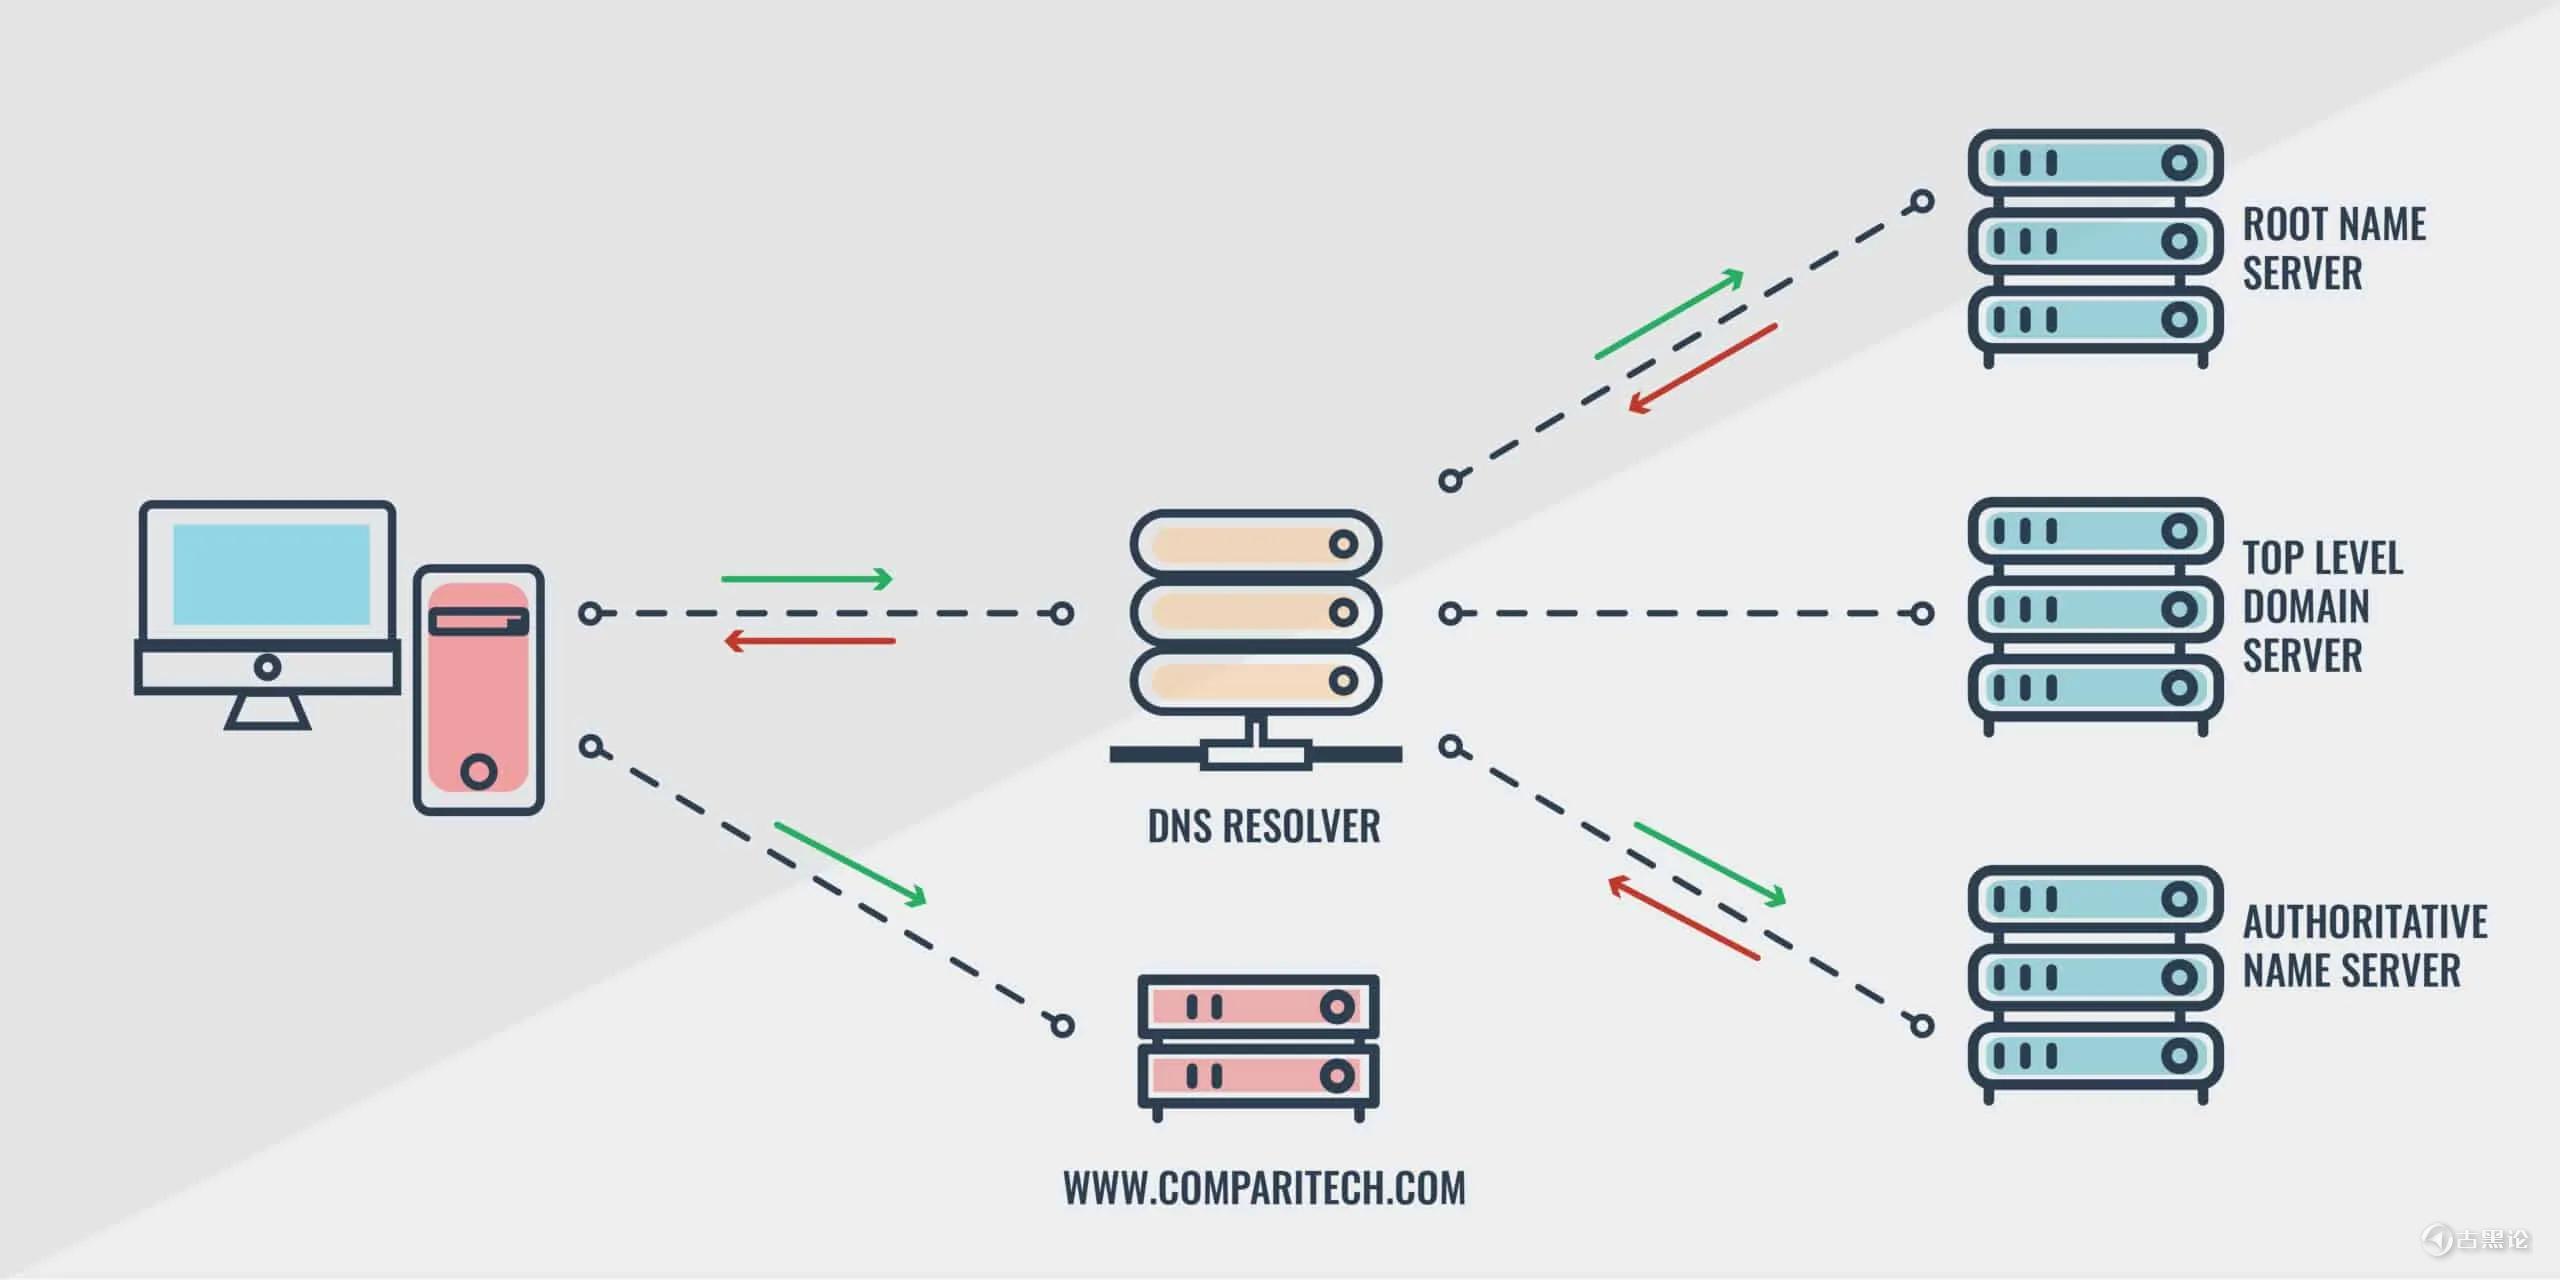 什么是DNS攻击、DNS劫持、DNS隧道 94984c549bb69e5e7c6f2.png